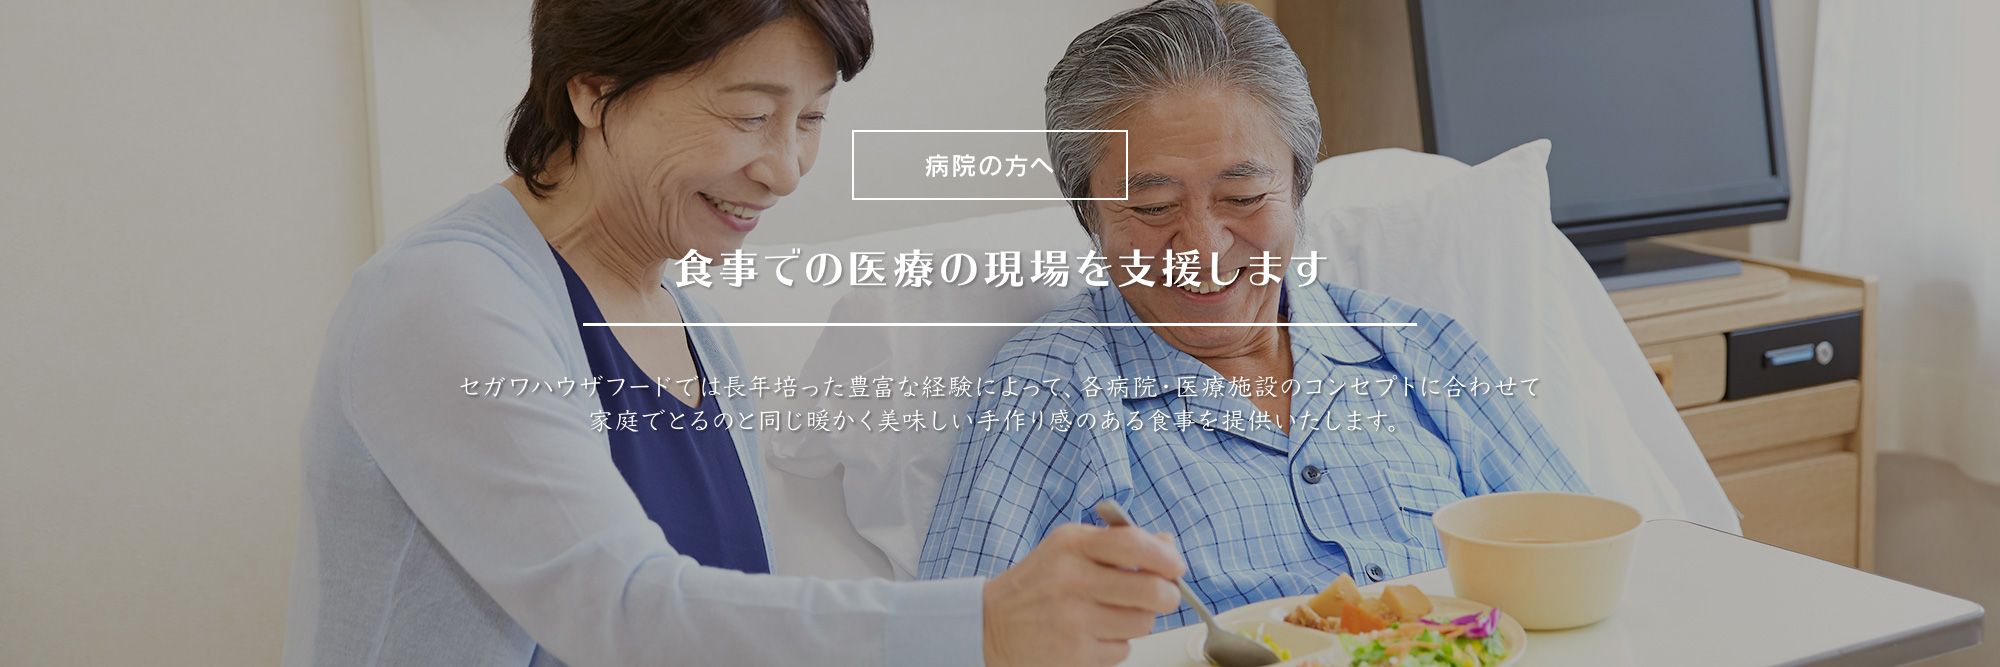 病院の方へ 食事での医療の現場を支援します